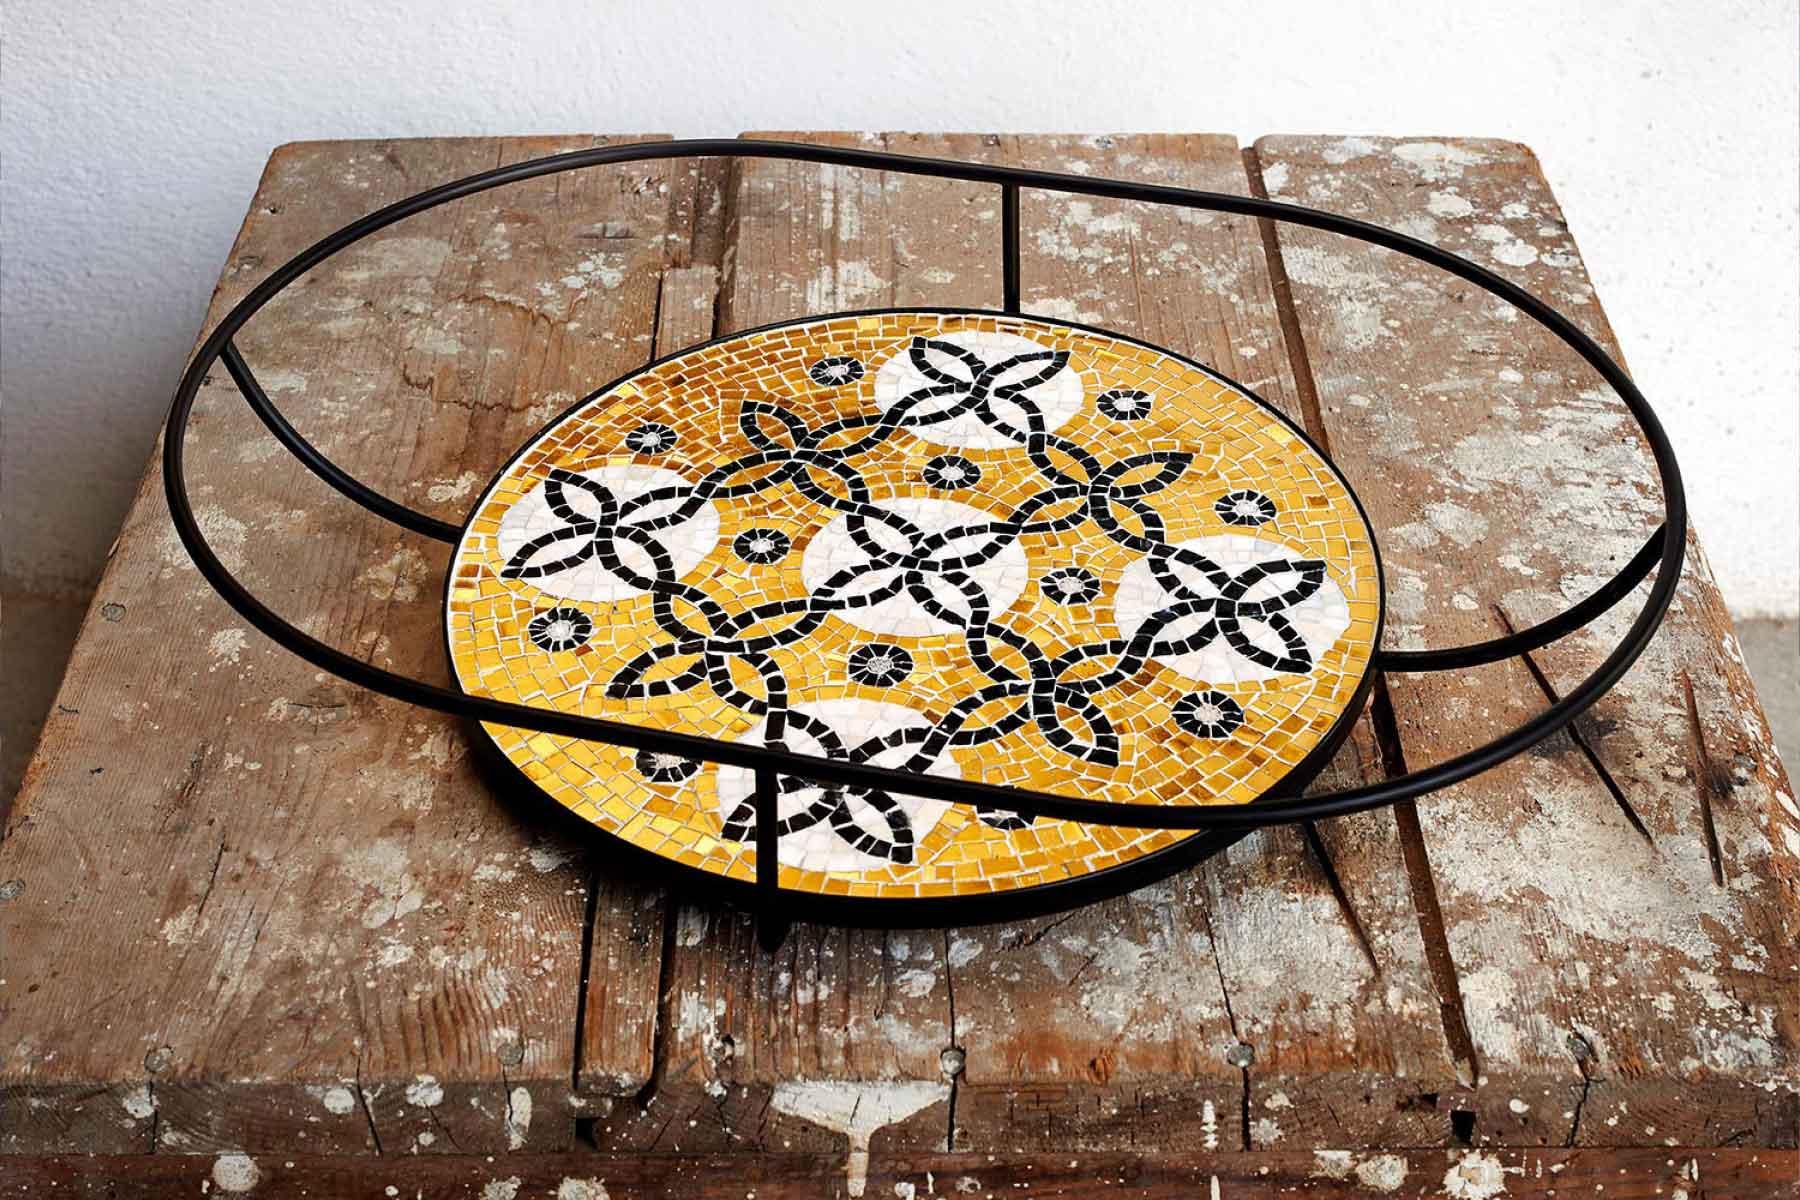 Mosaic Roman Pop glasses stones marble Ursula Corsi Italiano Plurale artist